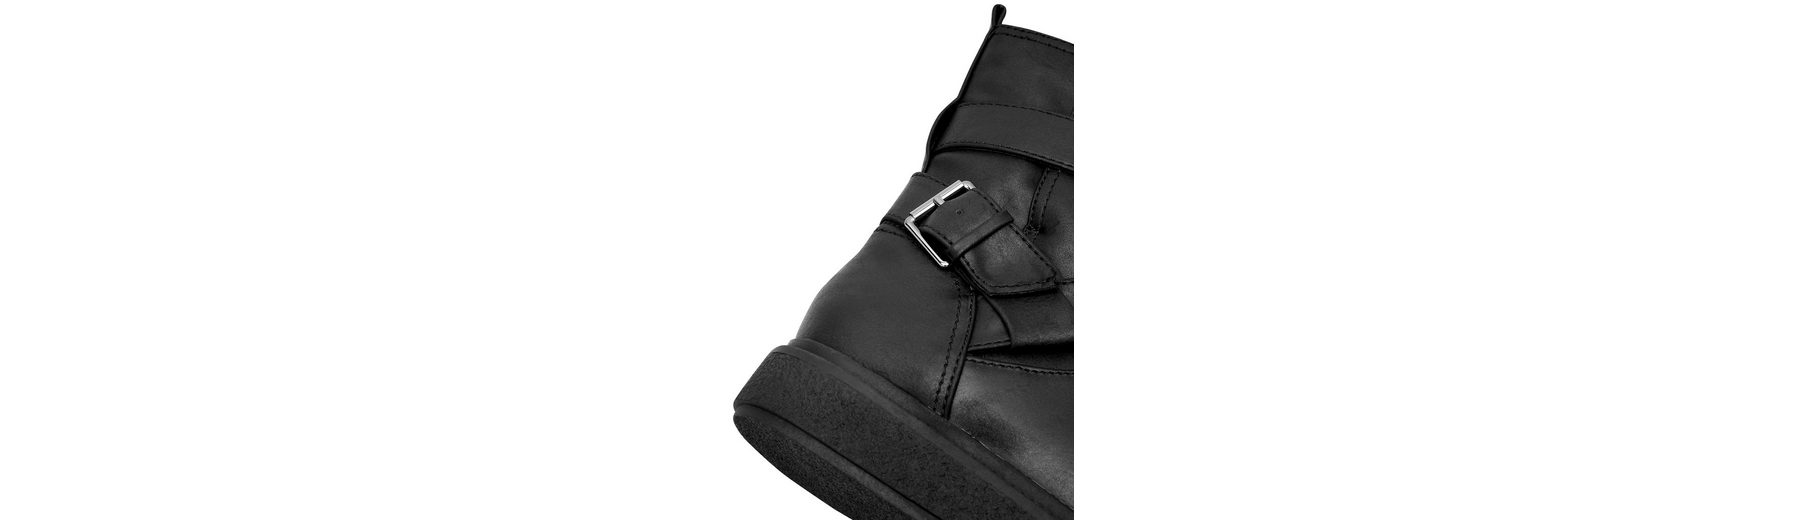 Freies Verschiffen 100% Authentisch Großhandelspreis Zu Verkaufen Next Stiefel mit Keilabsatz Billigpreisnachlass Authentisch Brandneues Unisex Verkauf Online Angebot Zum Verkauf L3egrKAScs